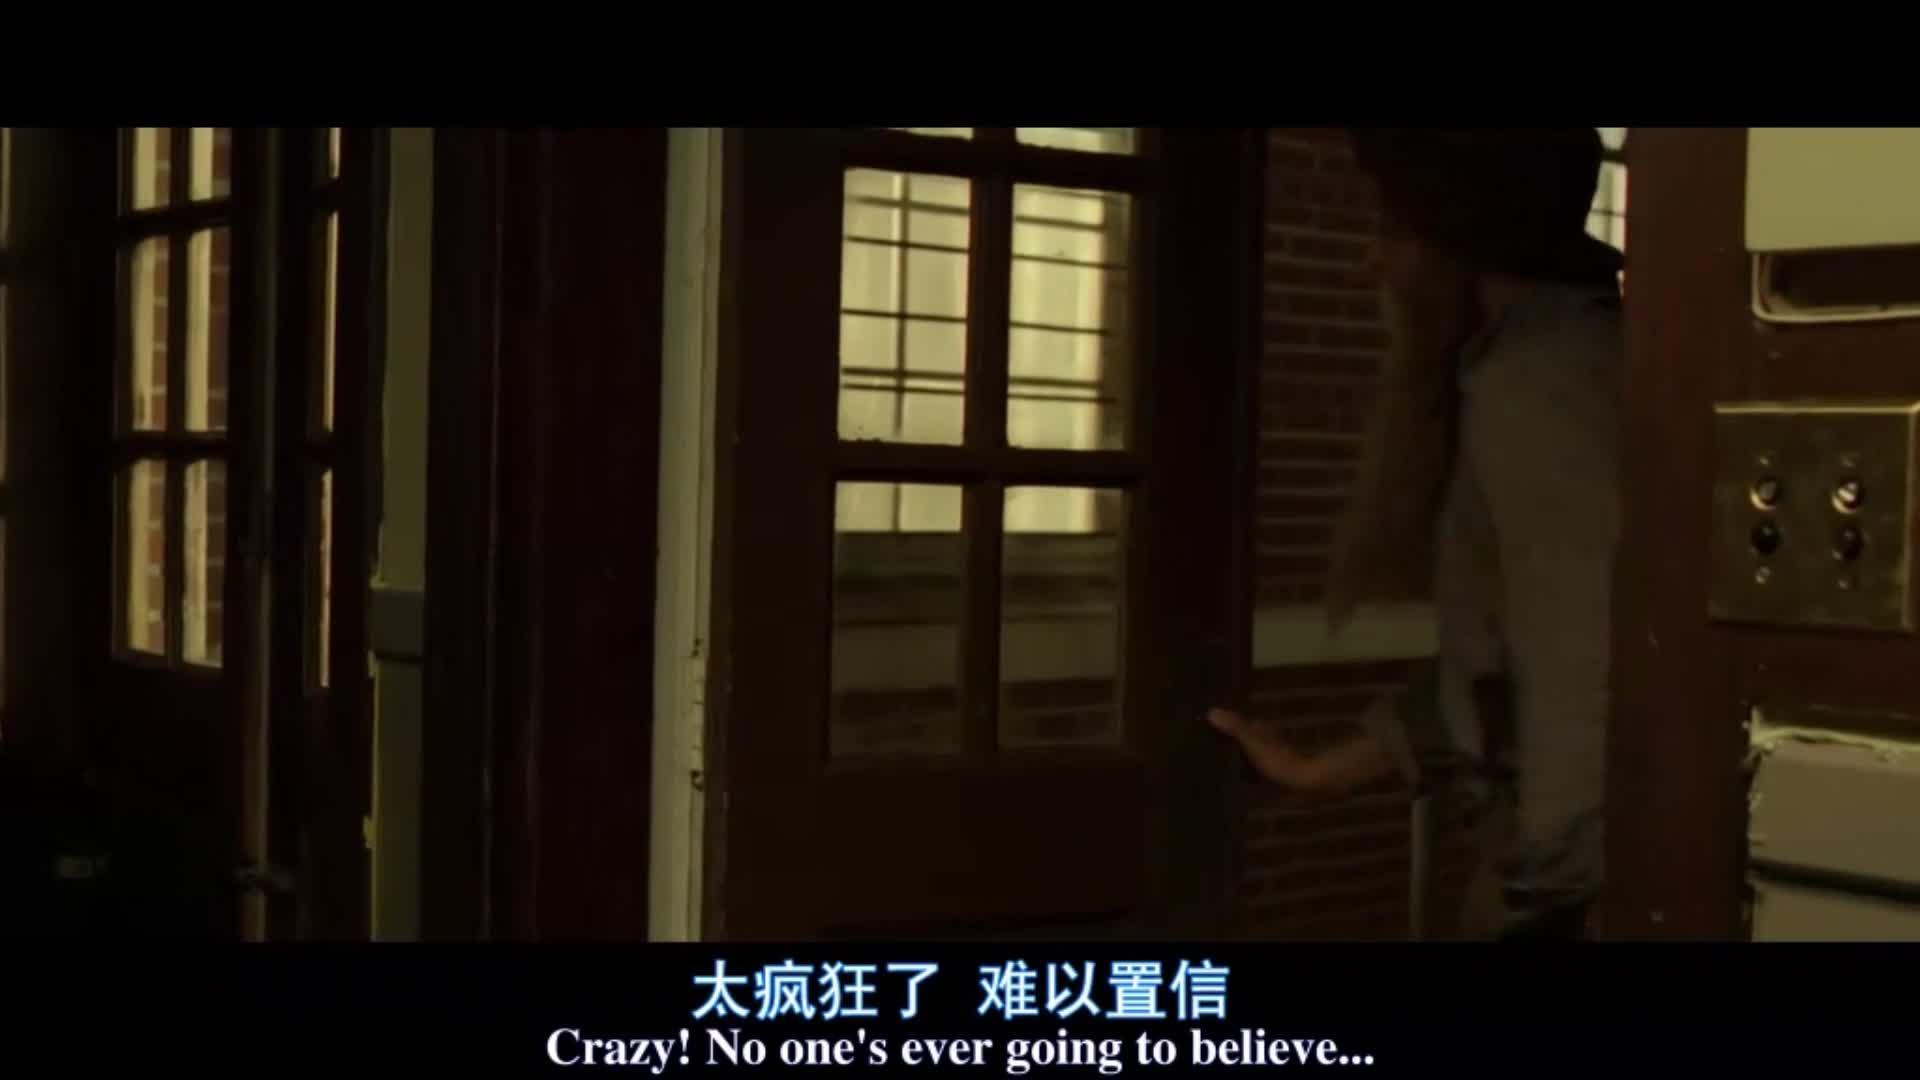 #经典看电影#这部科恩兄弟导演的逃狱三王中的经典一曲《在狱中》